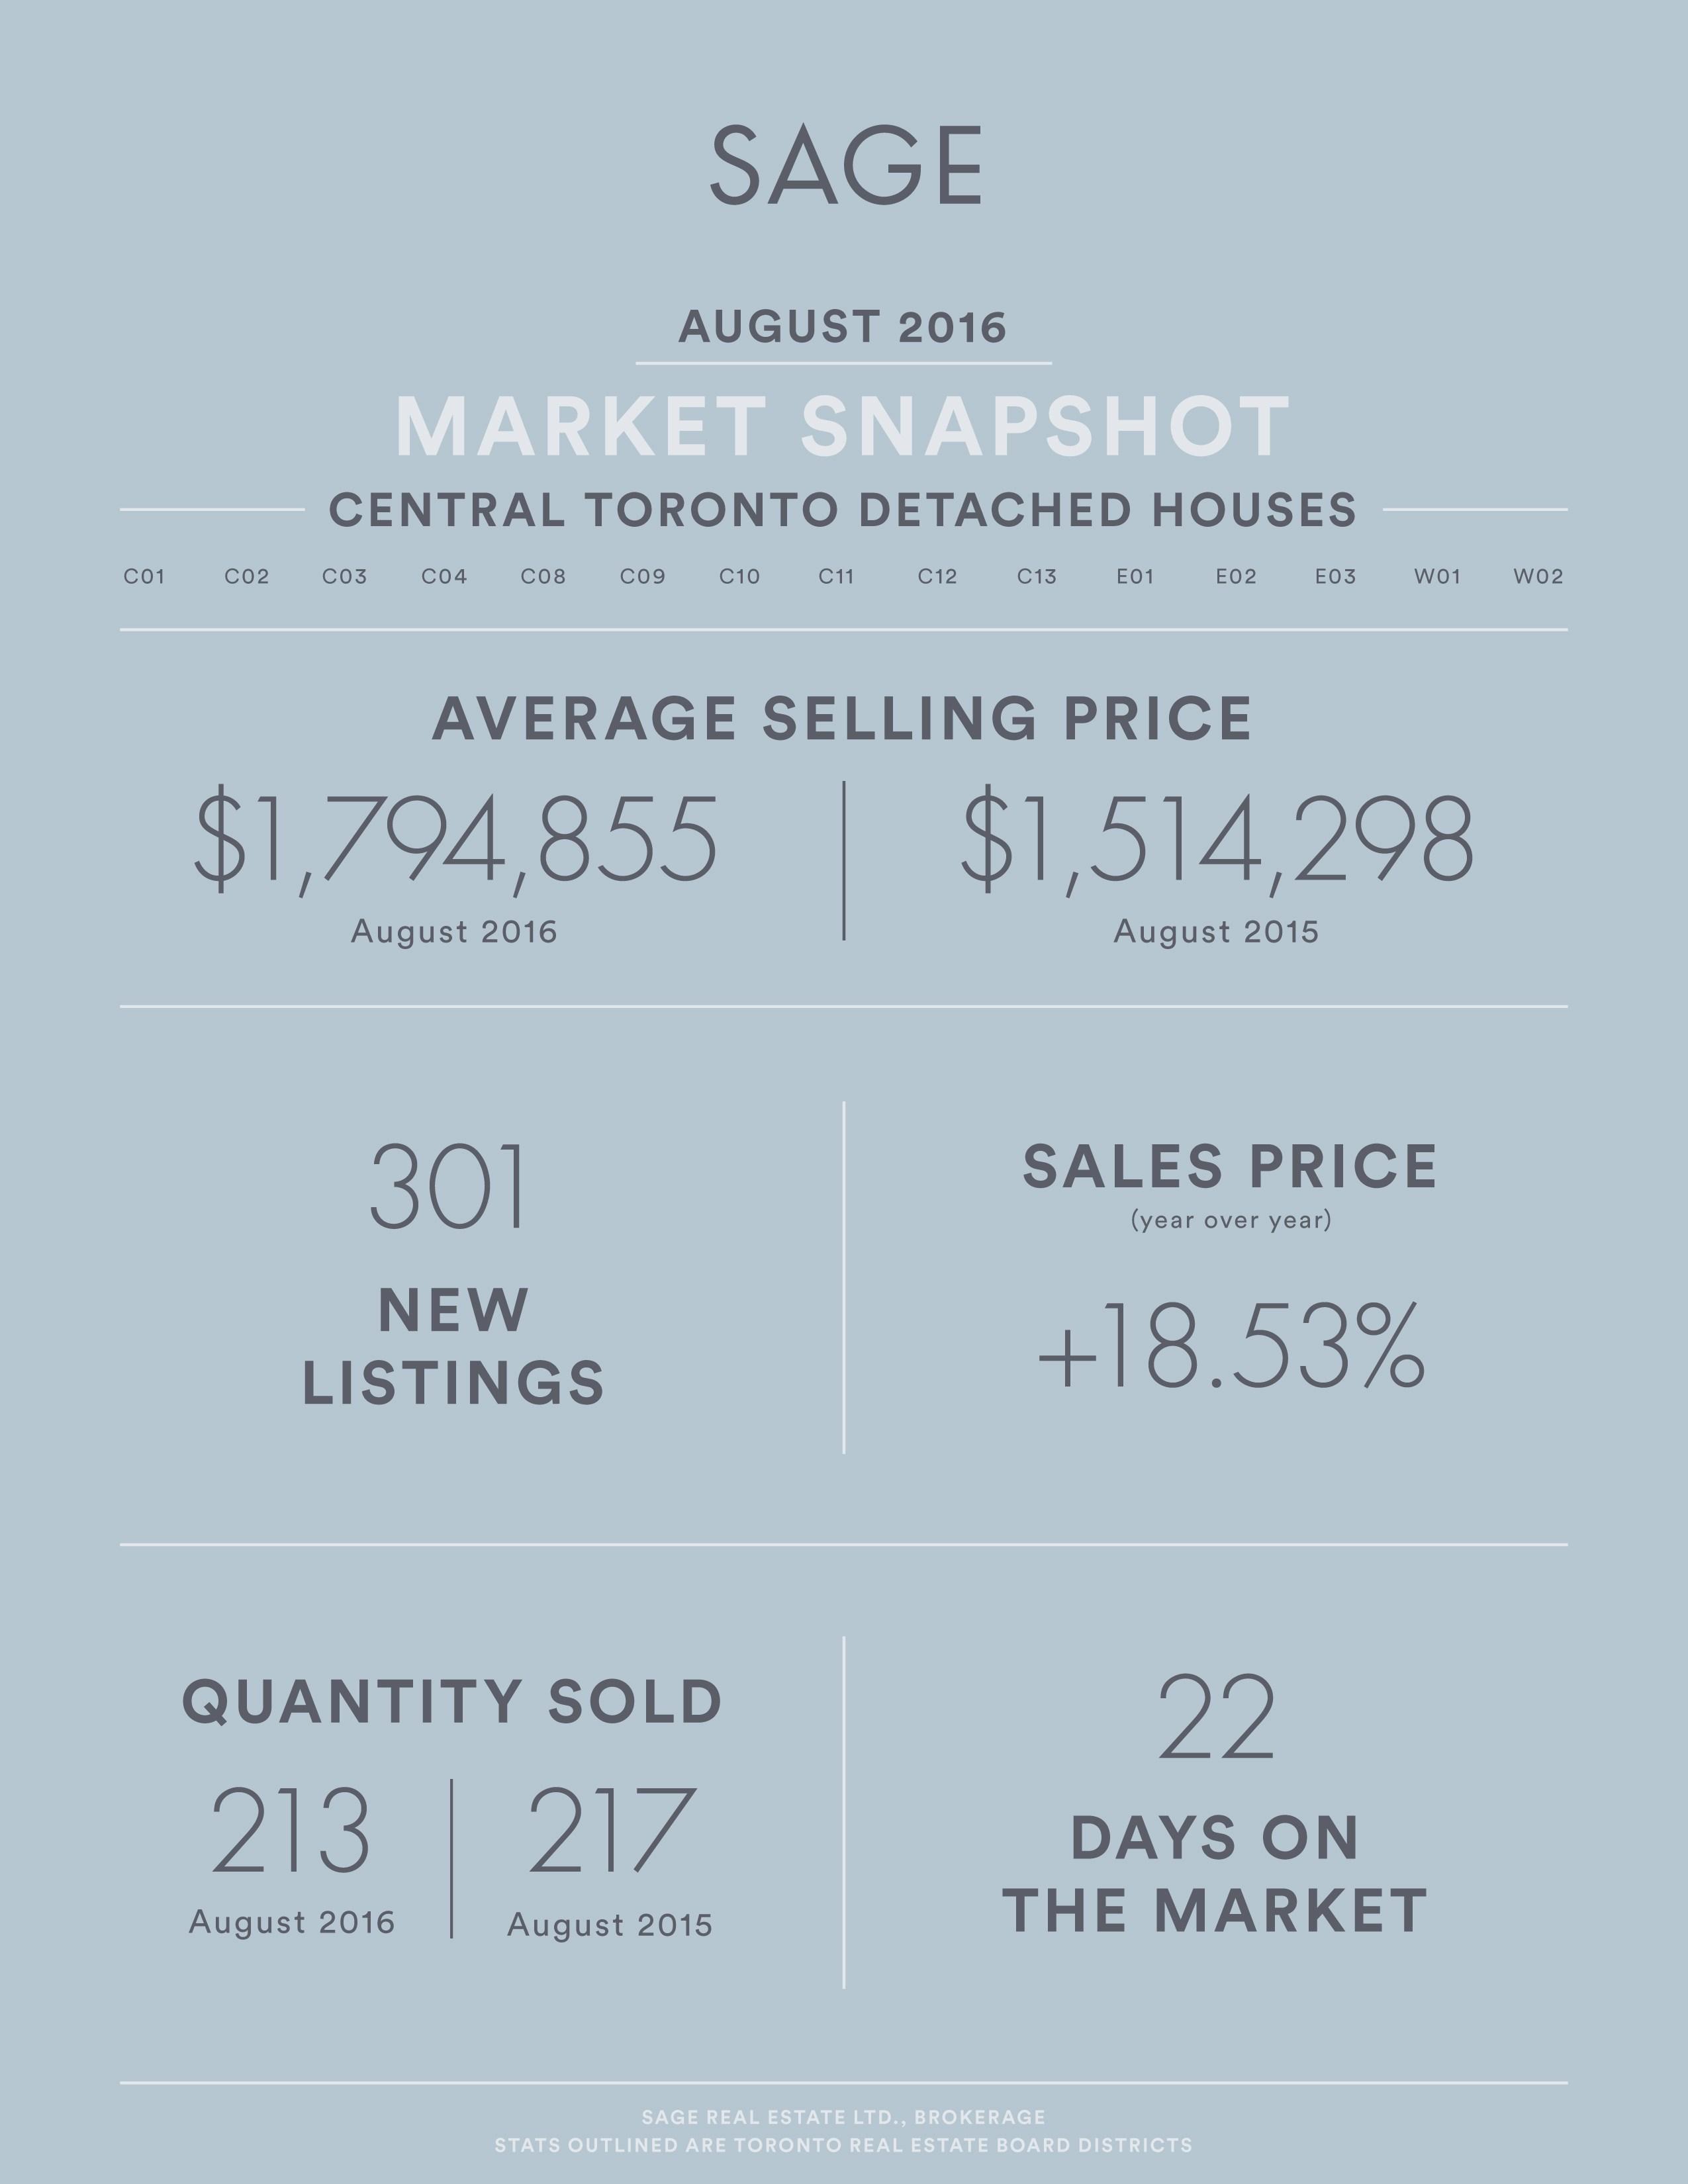 Sage Real Estate LTD Brokerage - Toronto Market Snapshot August 2016